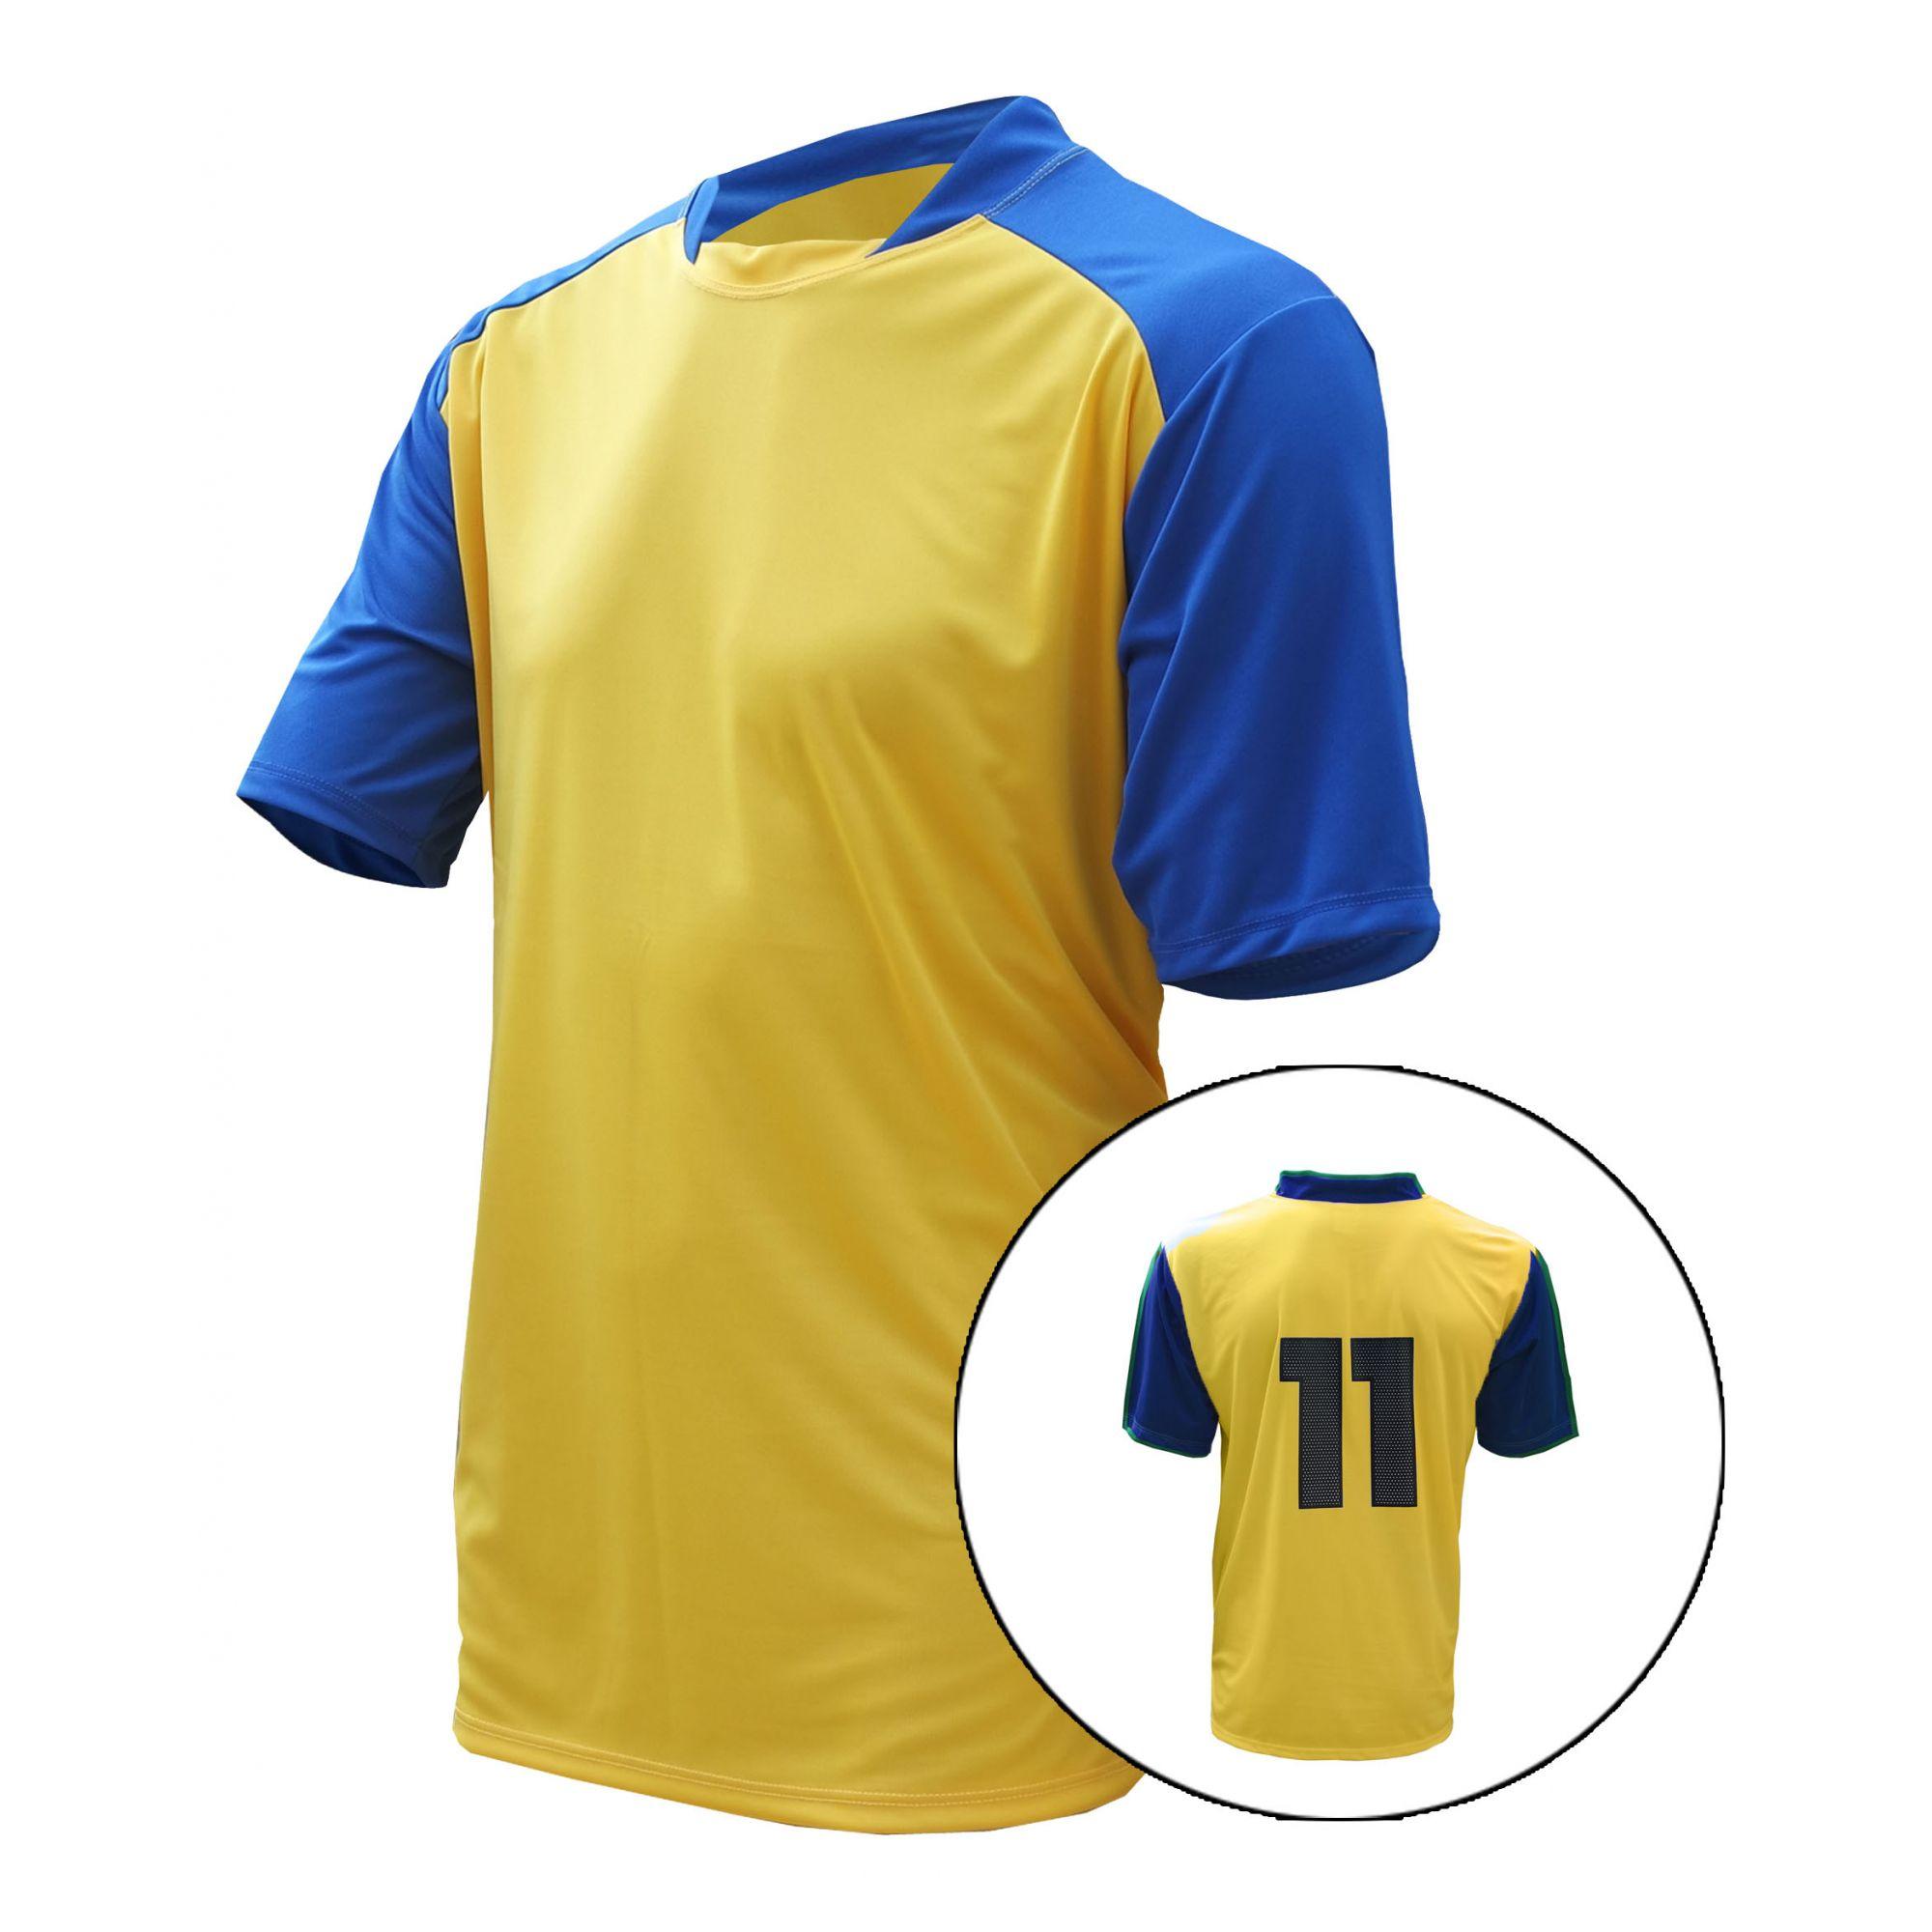 Jogo de Camisa de Futebol Trivela 14+1 Peças Numeradas